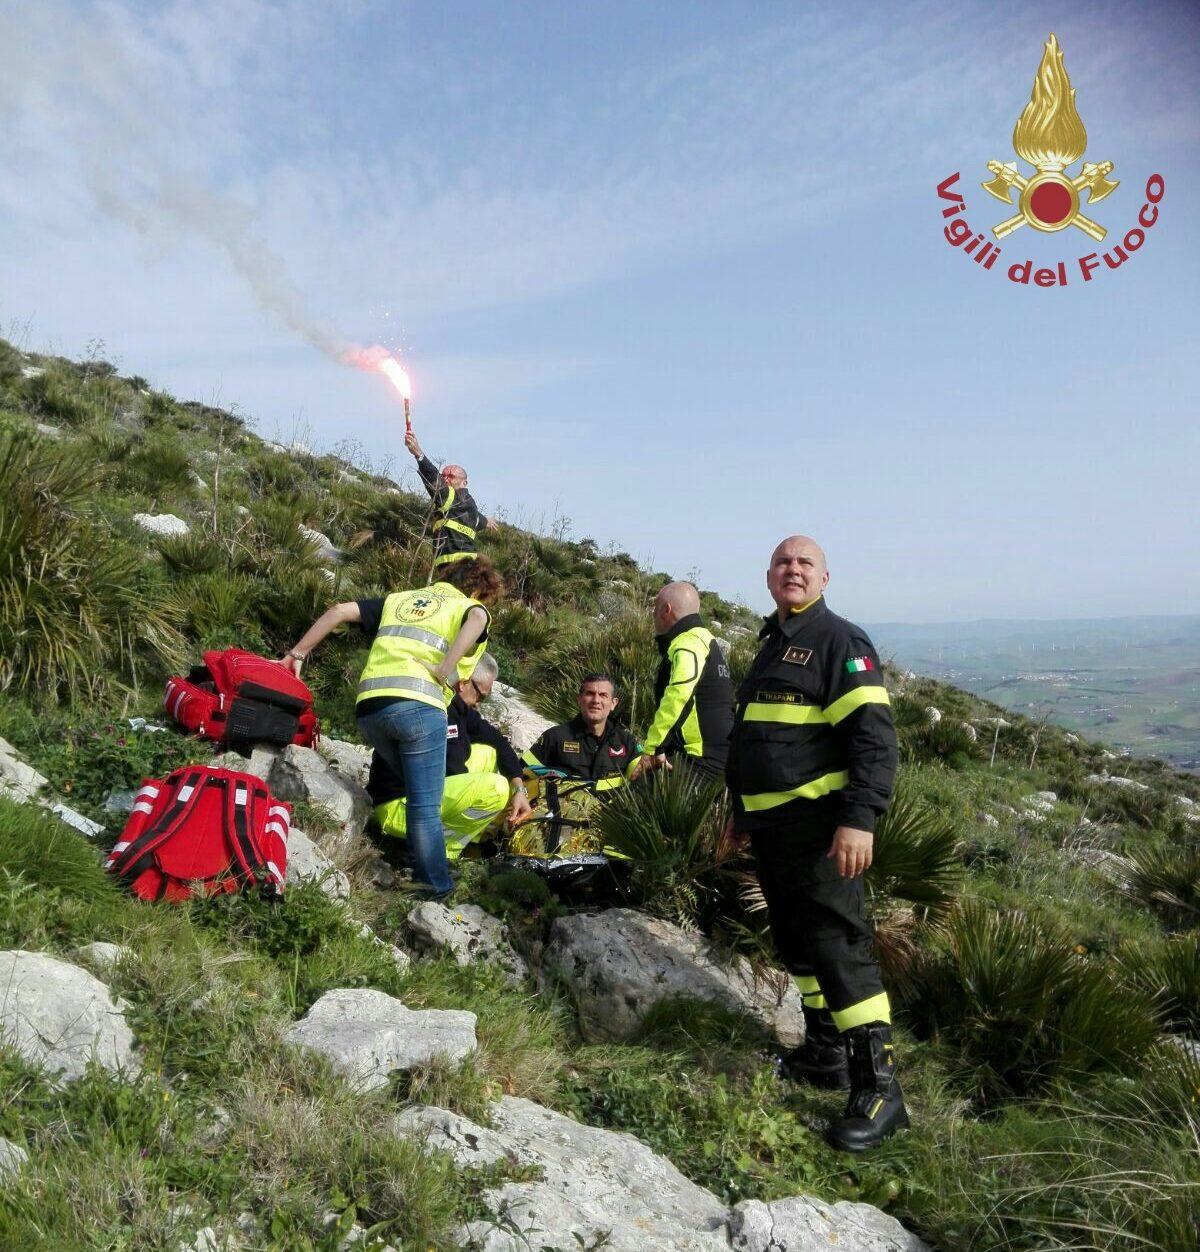 Erice, si lancia col parapendio e cade: grave turista svizzera